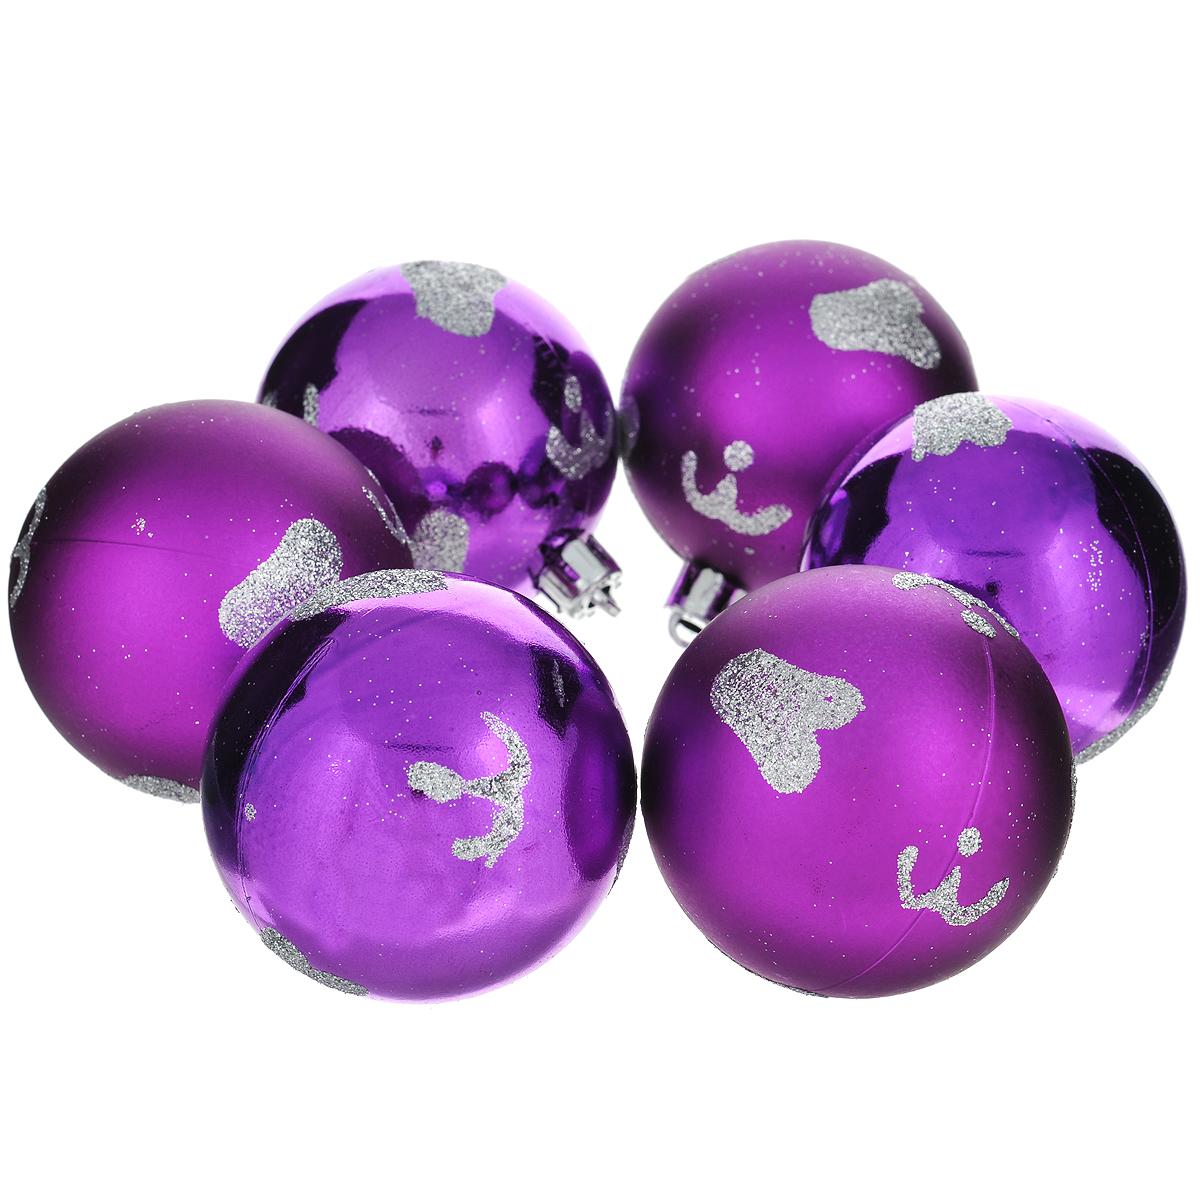 """Набор новогодних подвесных украшений """"Шар"""", цвет: фиолетовый, диаметр 6 см, 6 шт. 35525"""